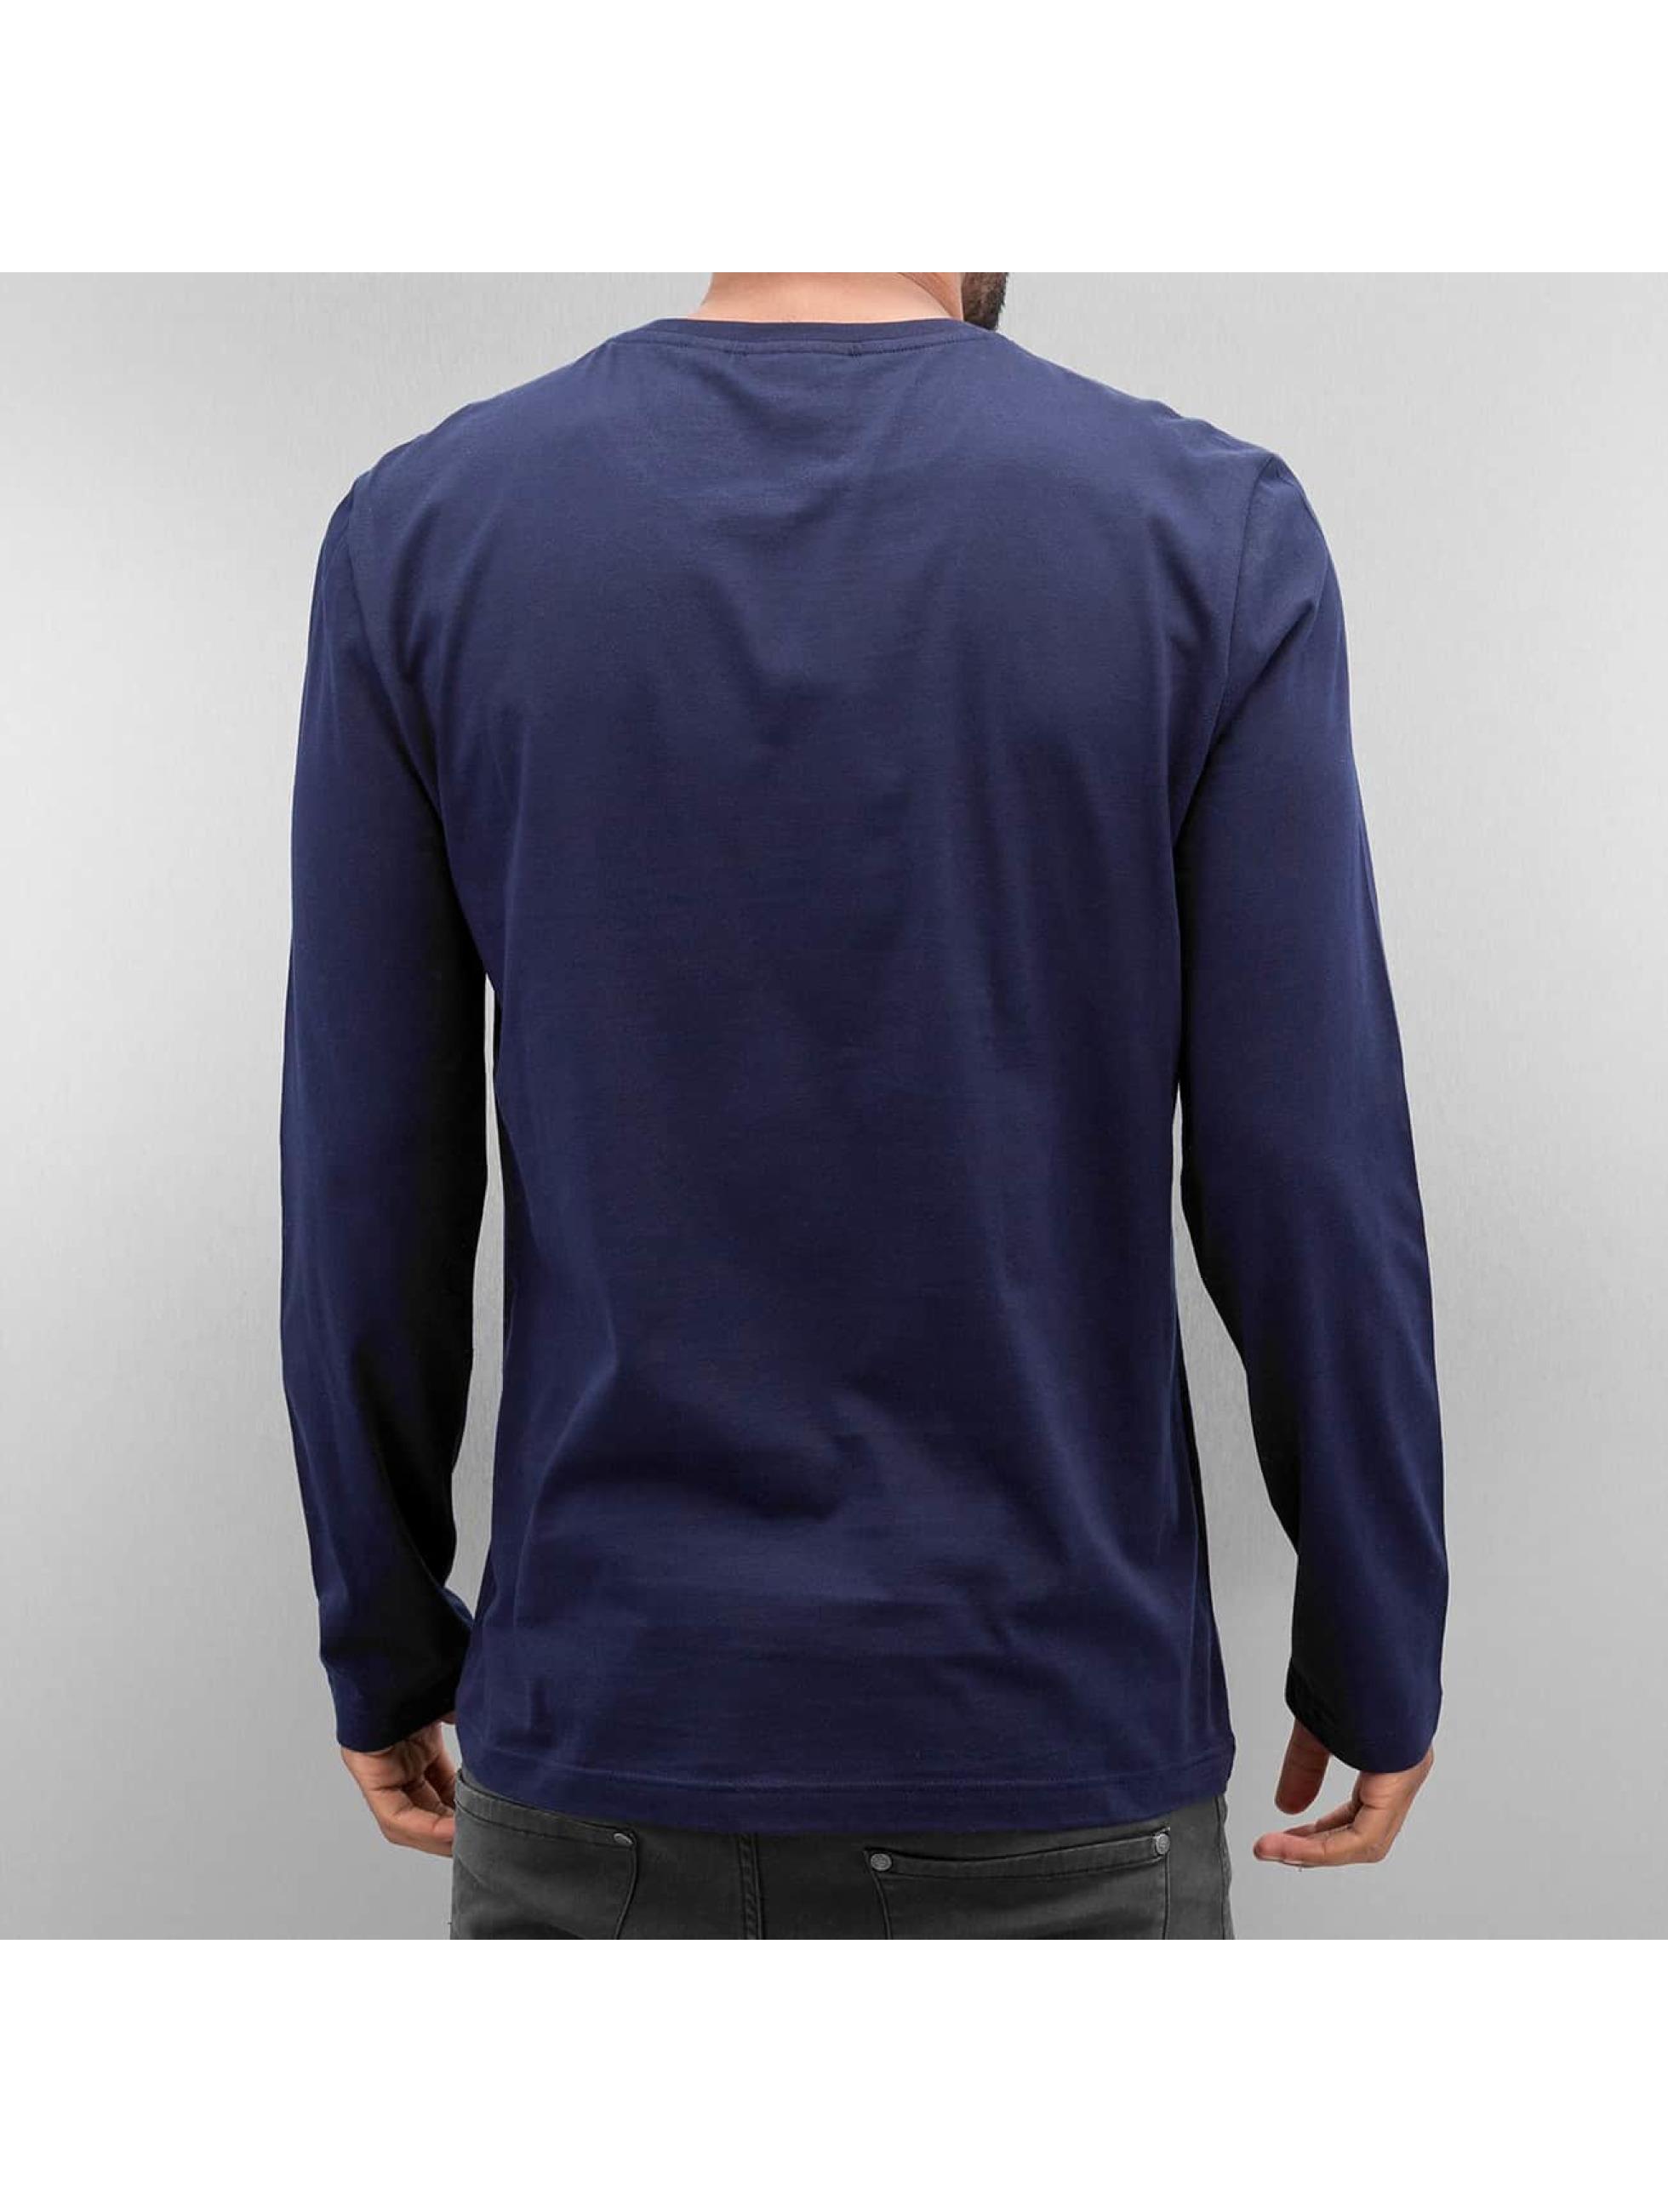 Lacoste Classic Longsleeve Classic blau